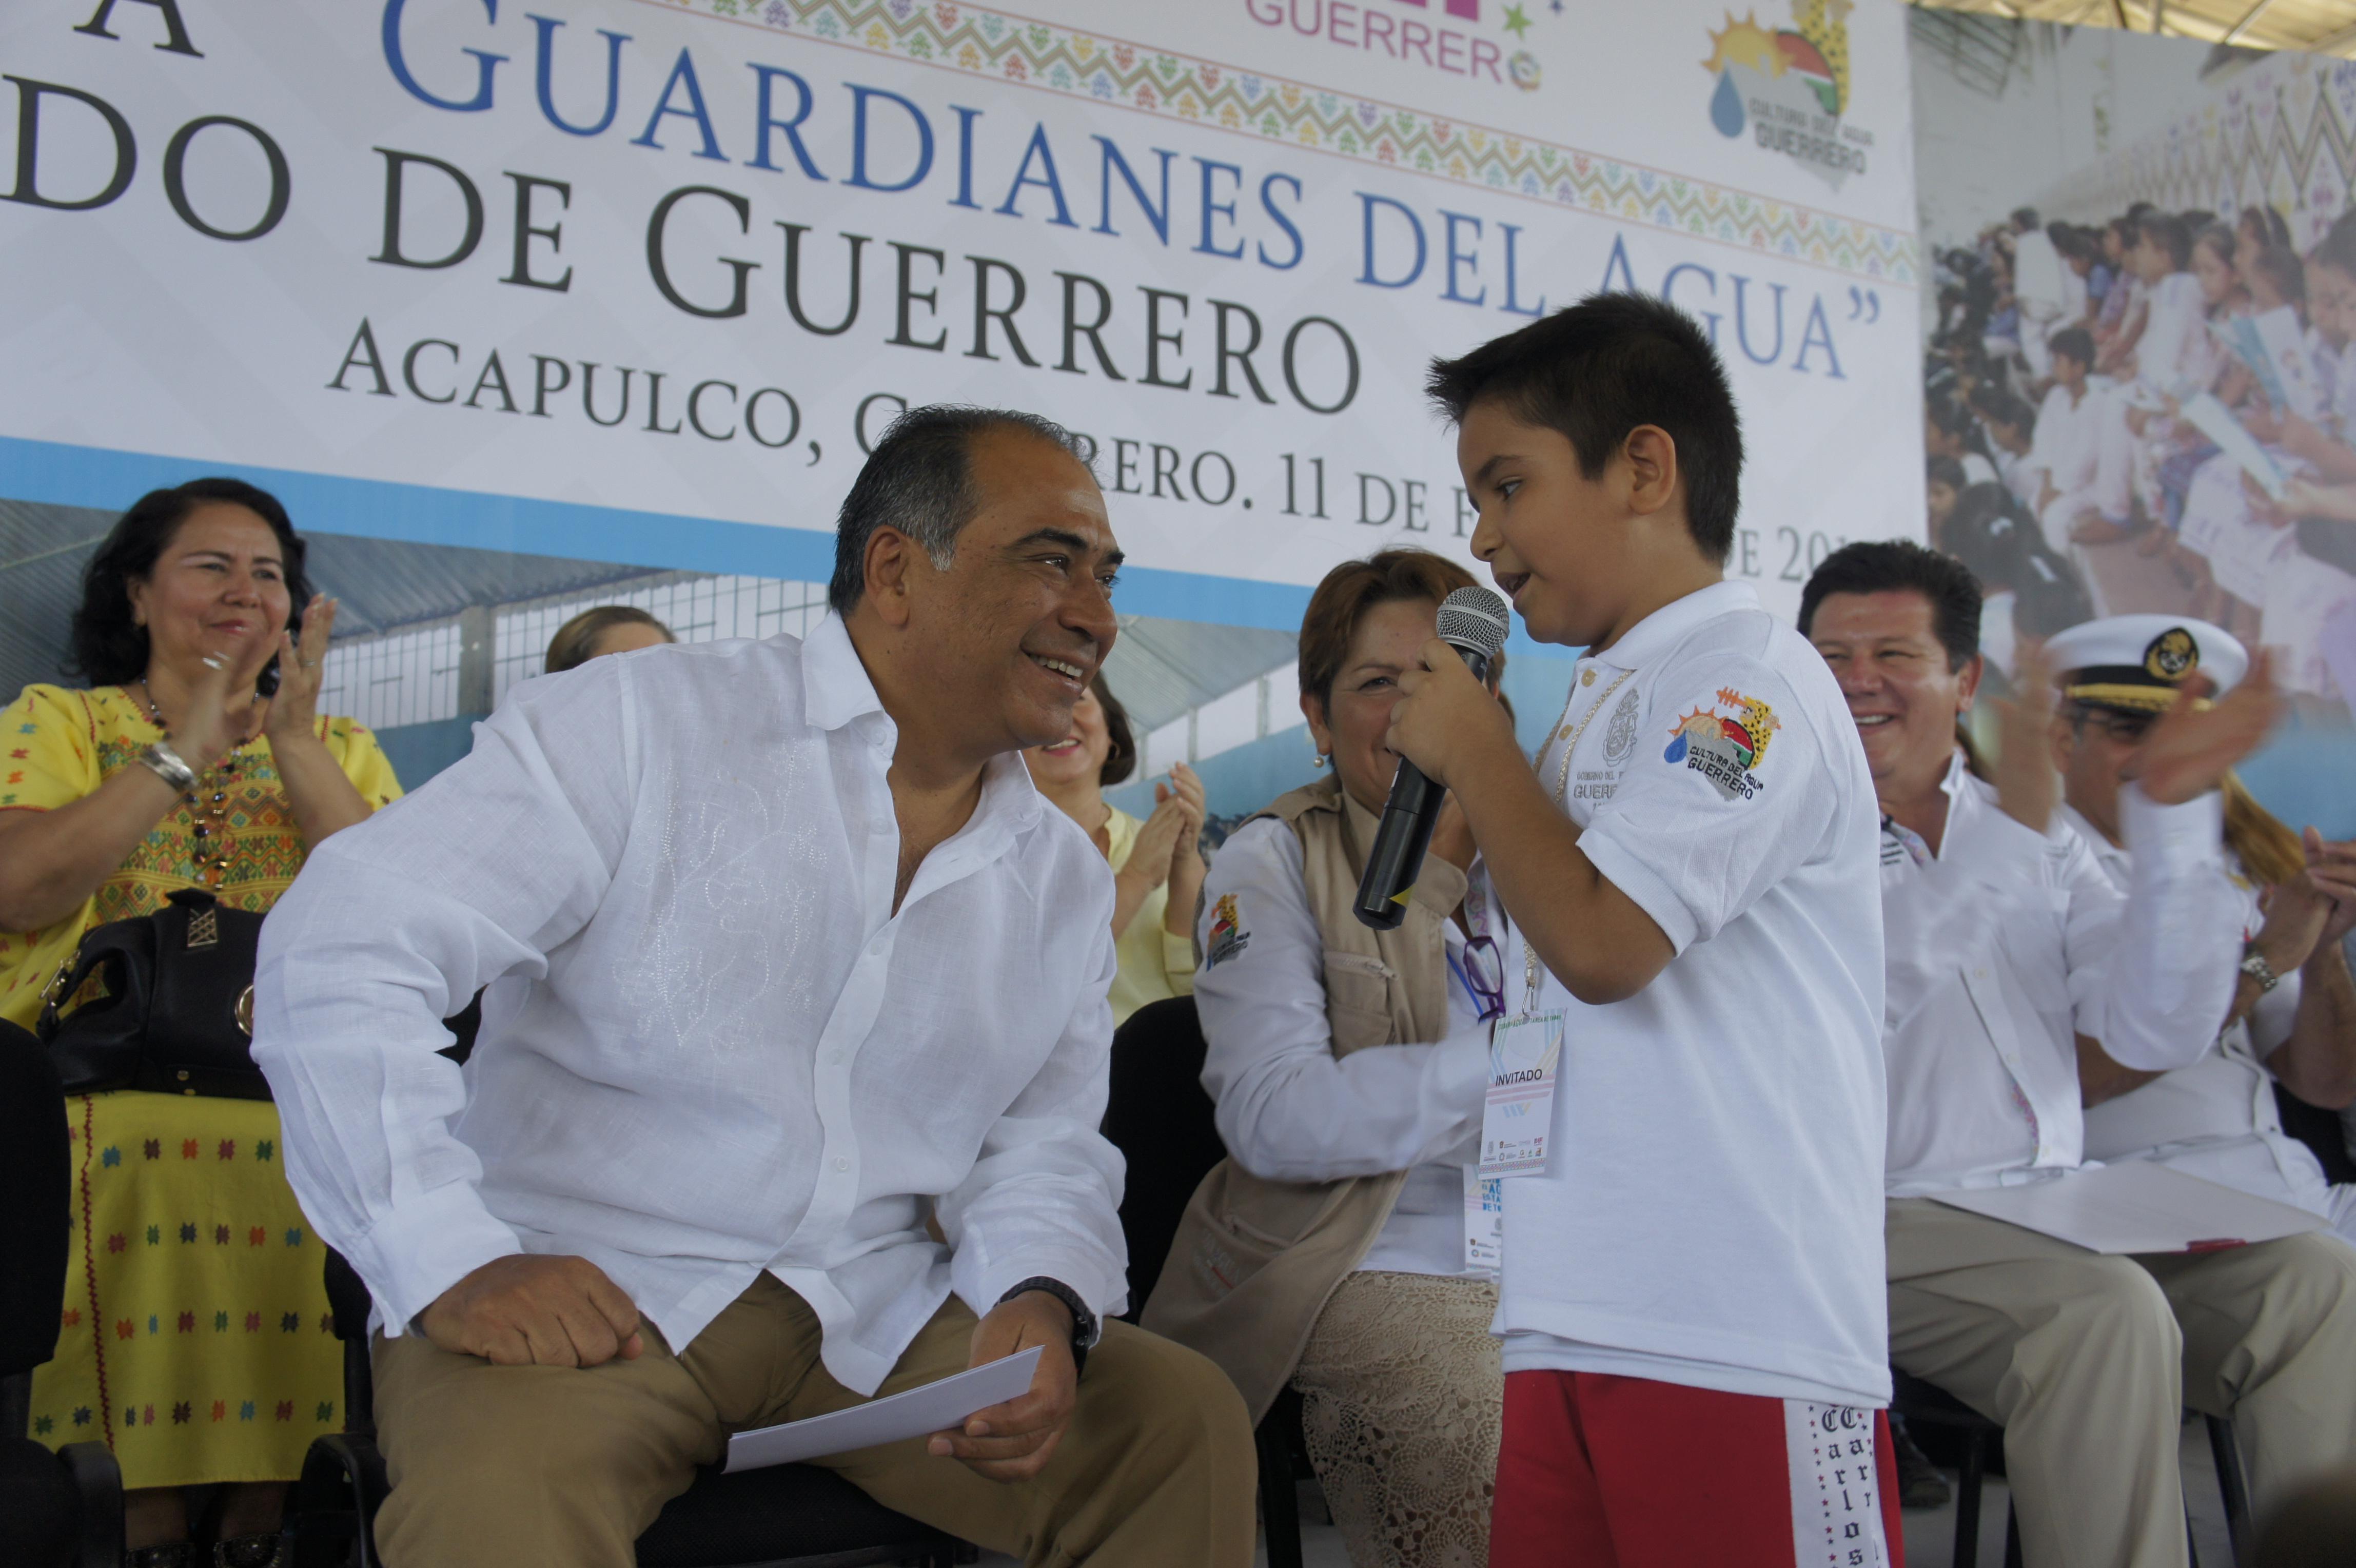 El alumno Jesús Orlando Vargas Heredia dijo que todos los niños están dispuestos a aportar de su parte para contribuir en el cuidado del agua.